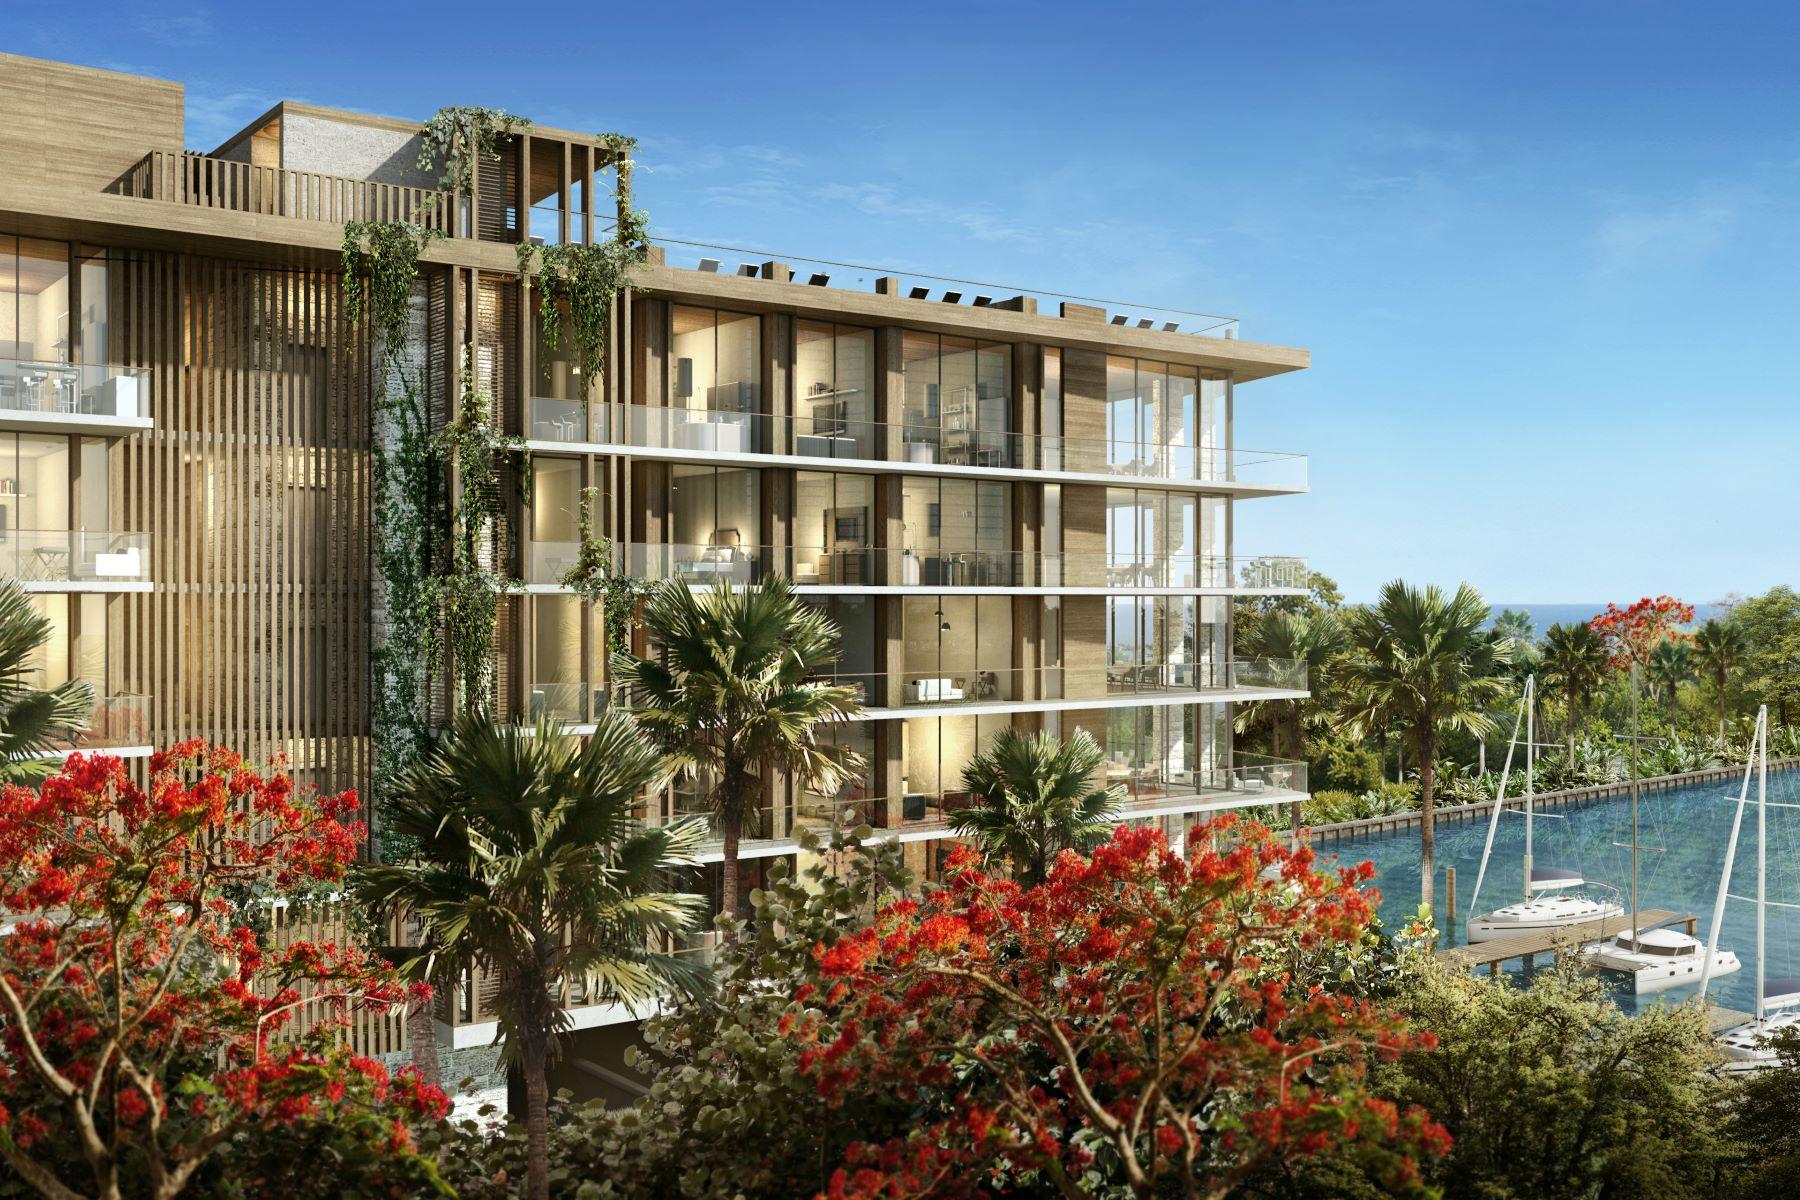 共管式独立产权公寓 为 销售 在 3581 E Glencoe #206 3581 E Glencoe 206 椰树林, 佛罗里达州, 33131 美国